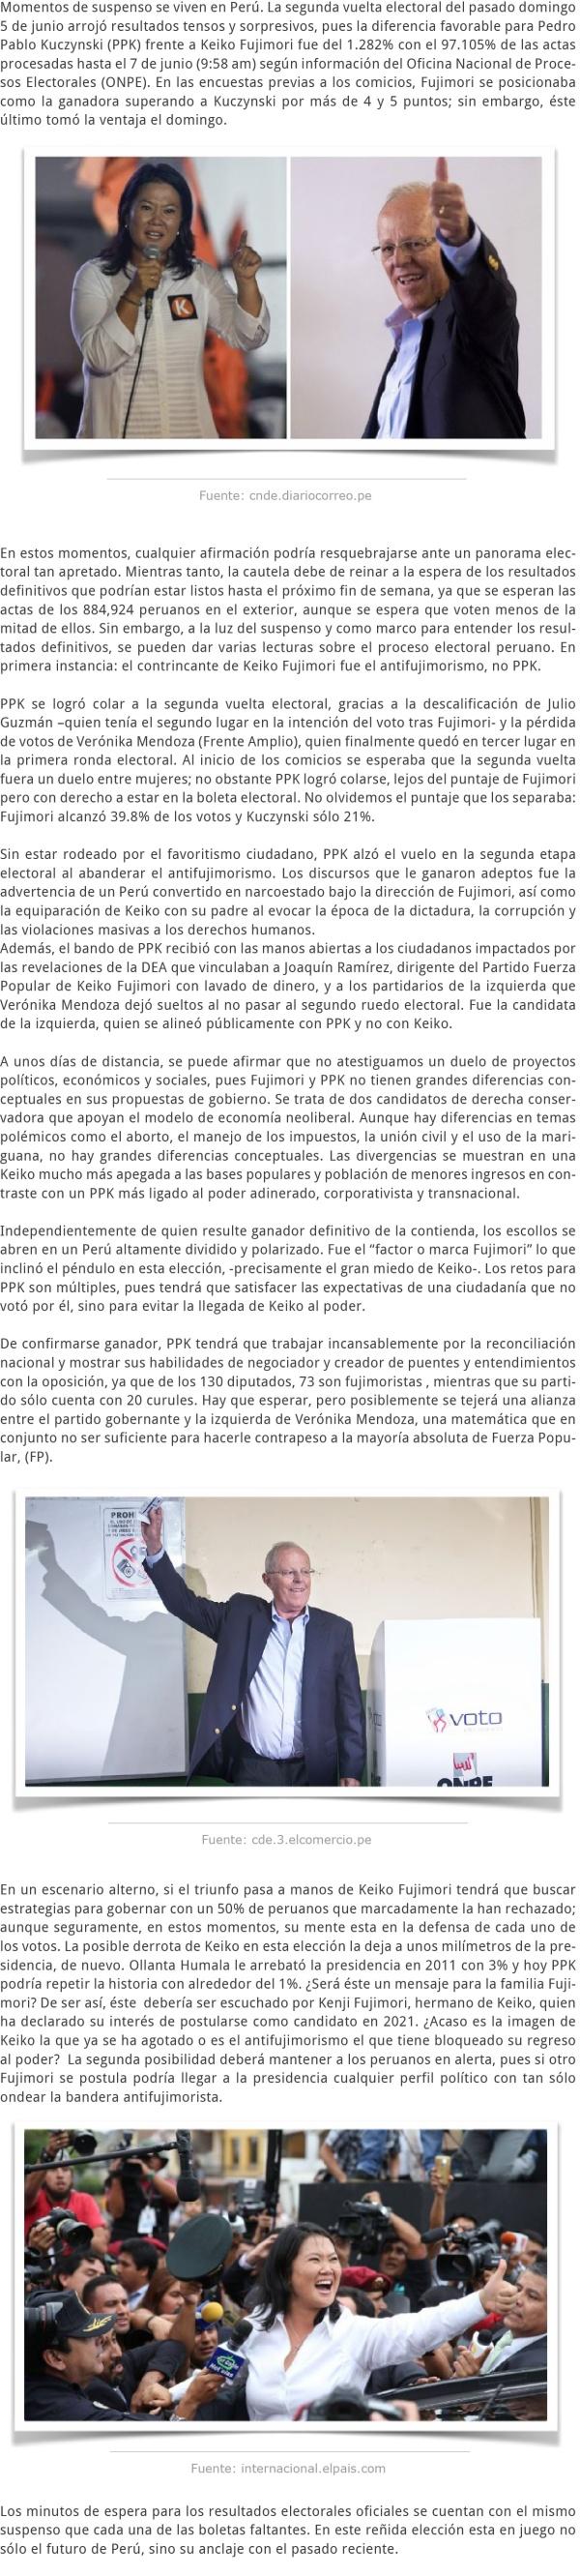 EL SUSPENSO DE LOS RESULTADOS ELECTORALES EN PERÚ